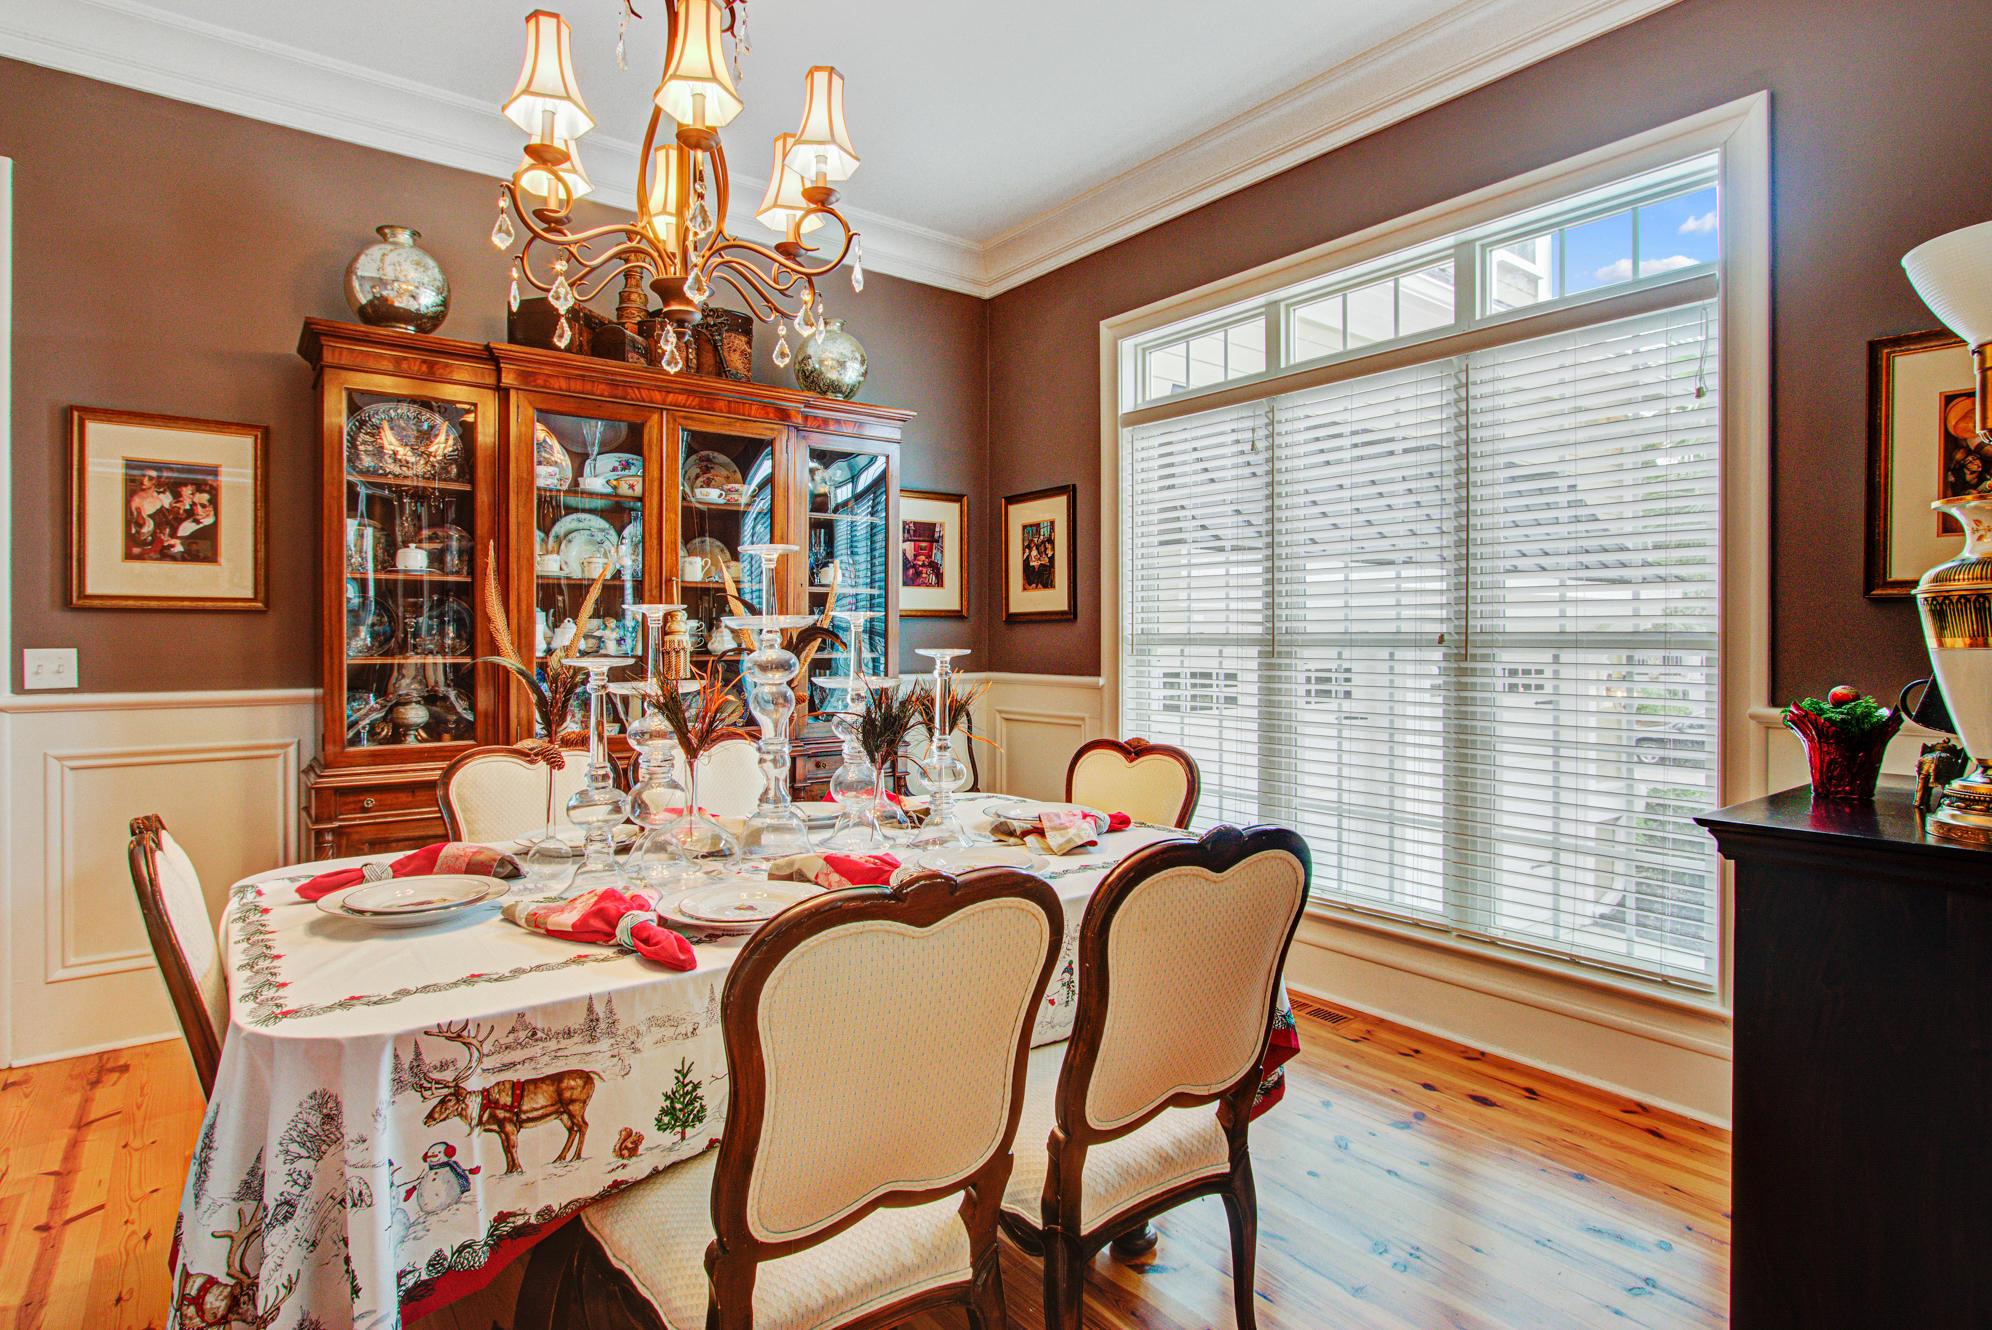 Park West Homes For Sale - 1527 Capel, Mount Pleasant, SC - 36